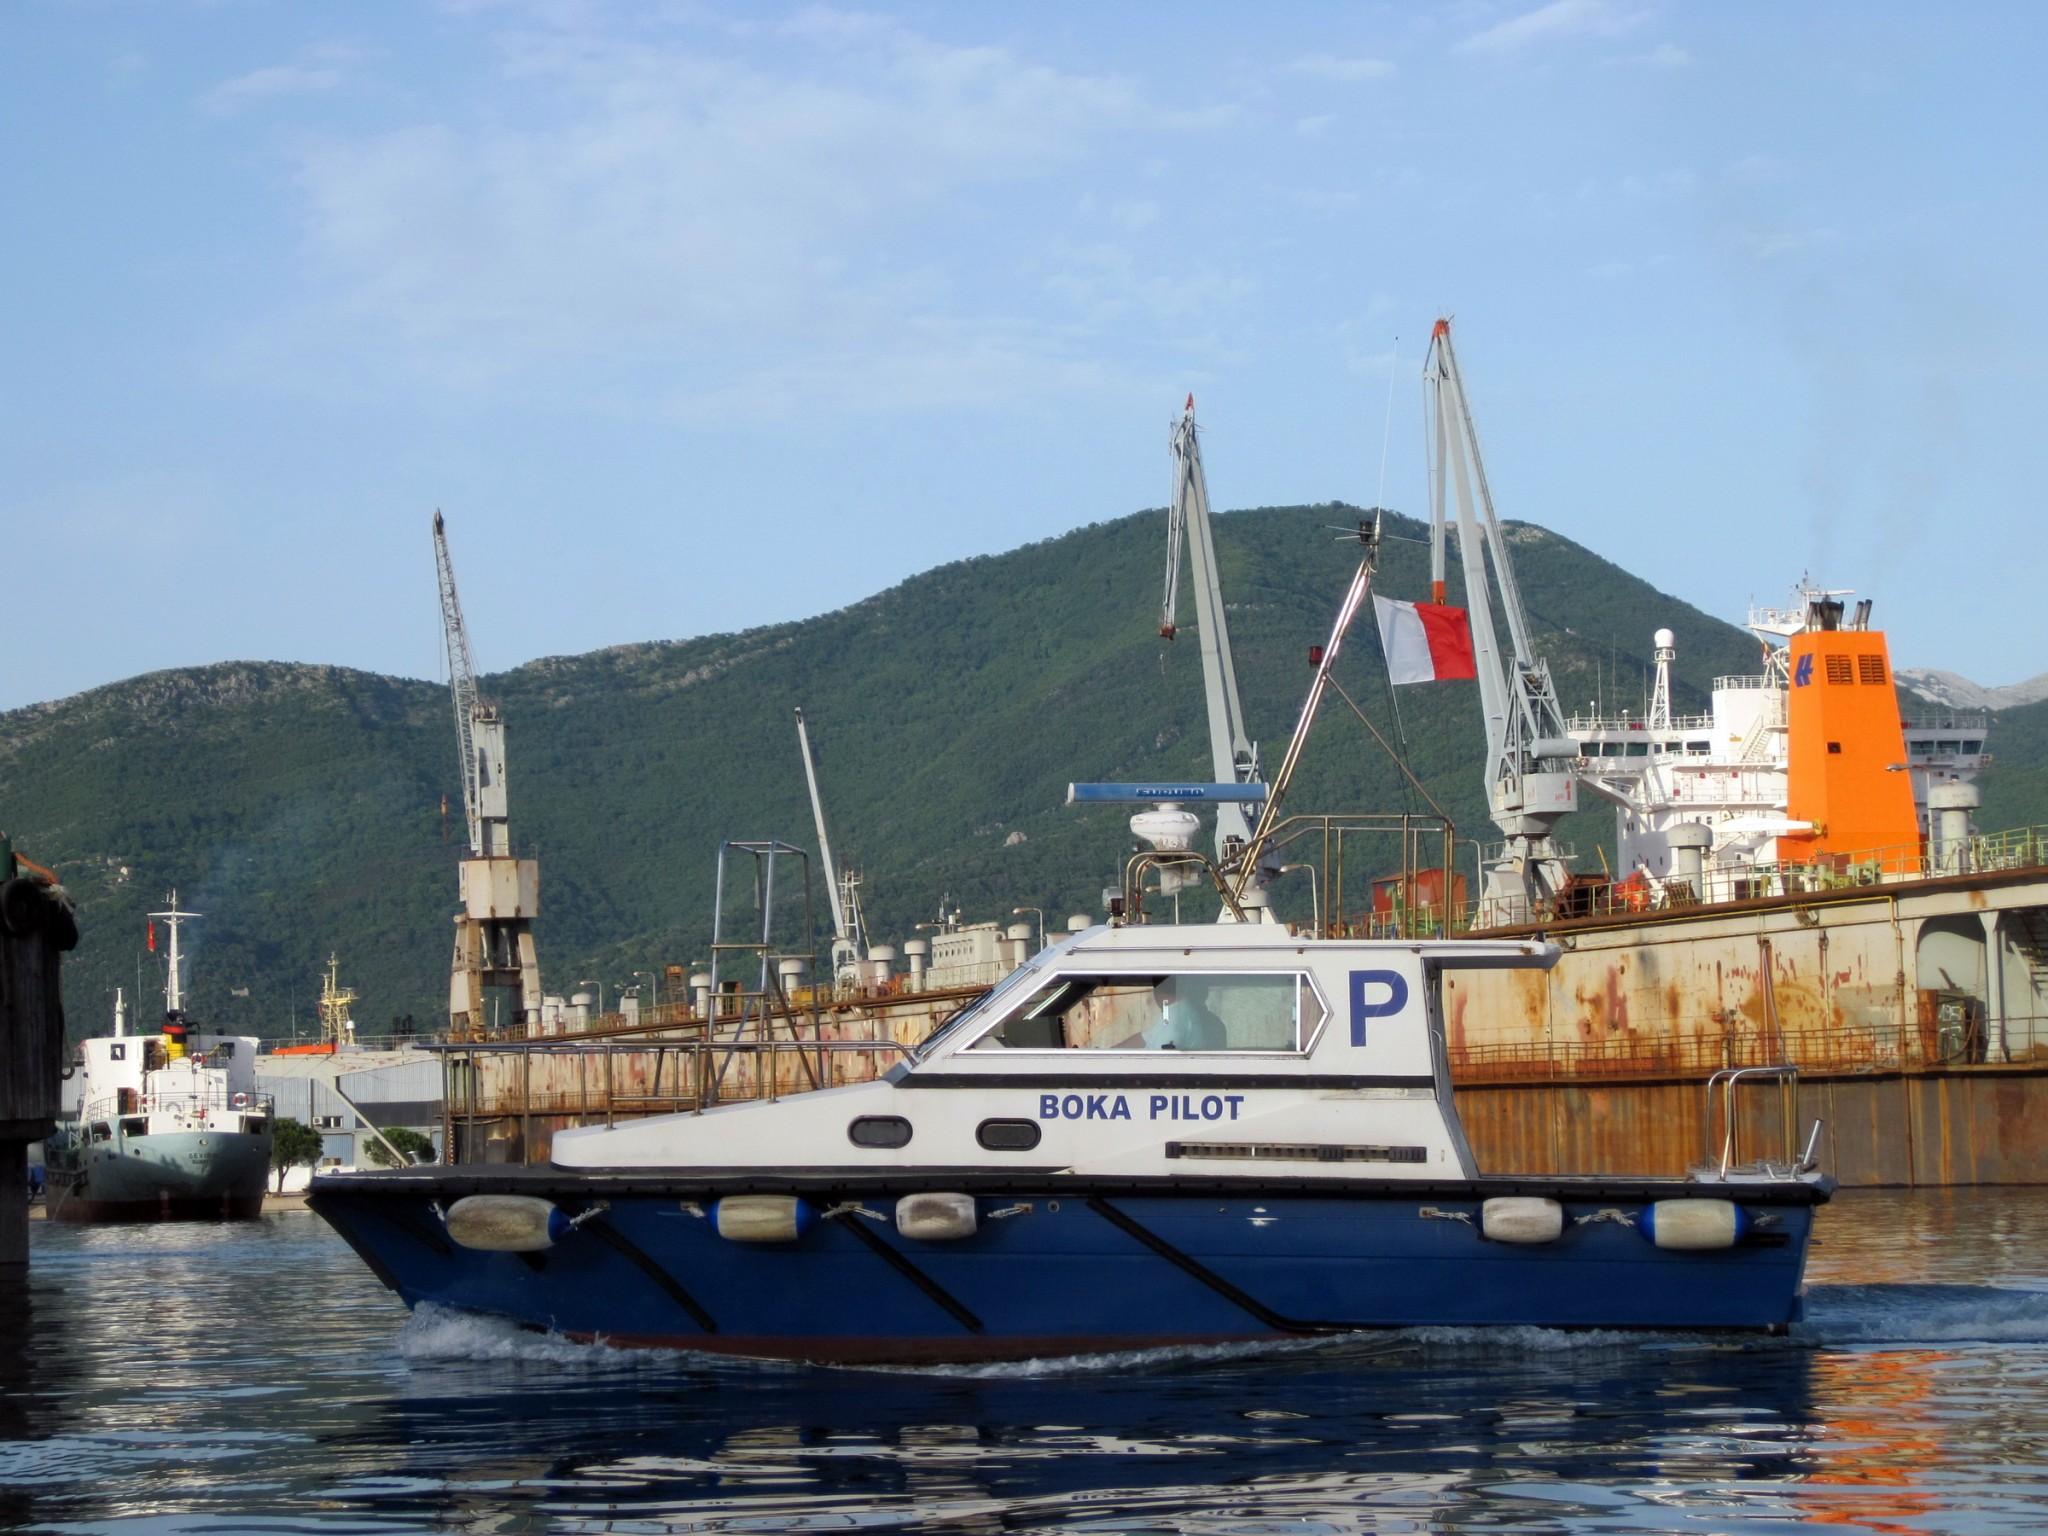 Plovilo jedne od pilotskih sluzbi u Boki Kotorskoj